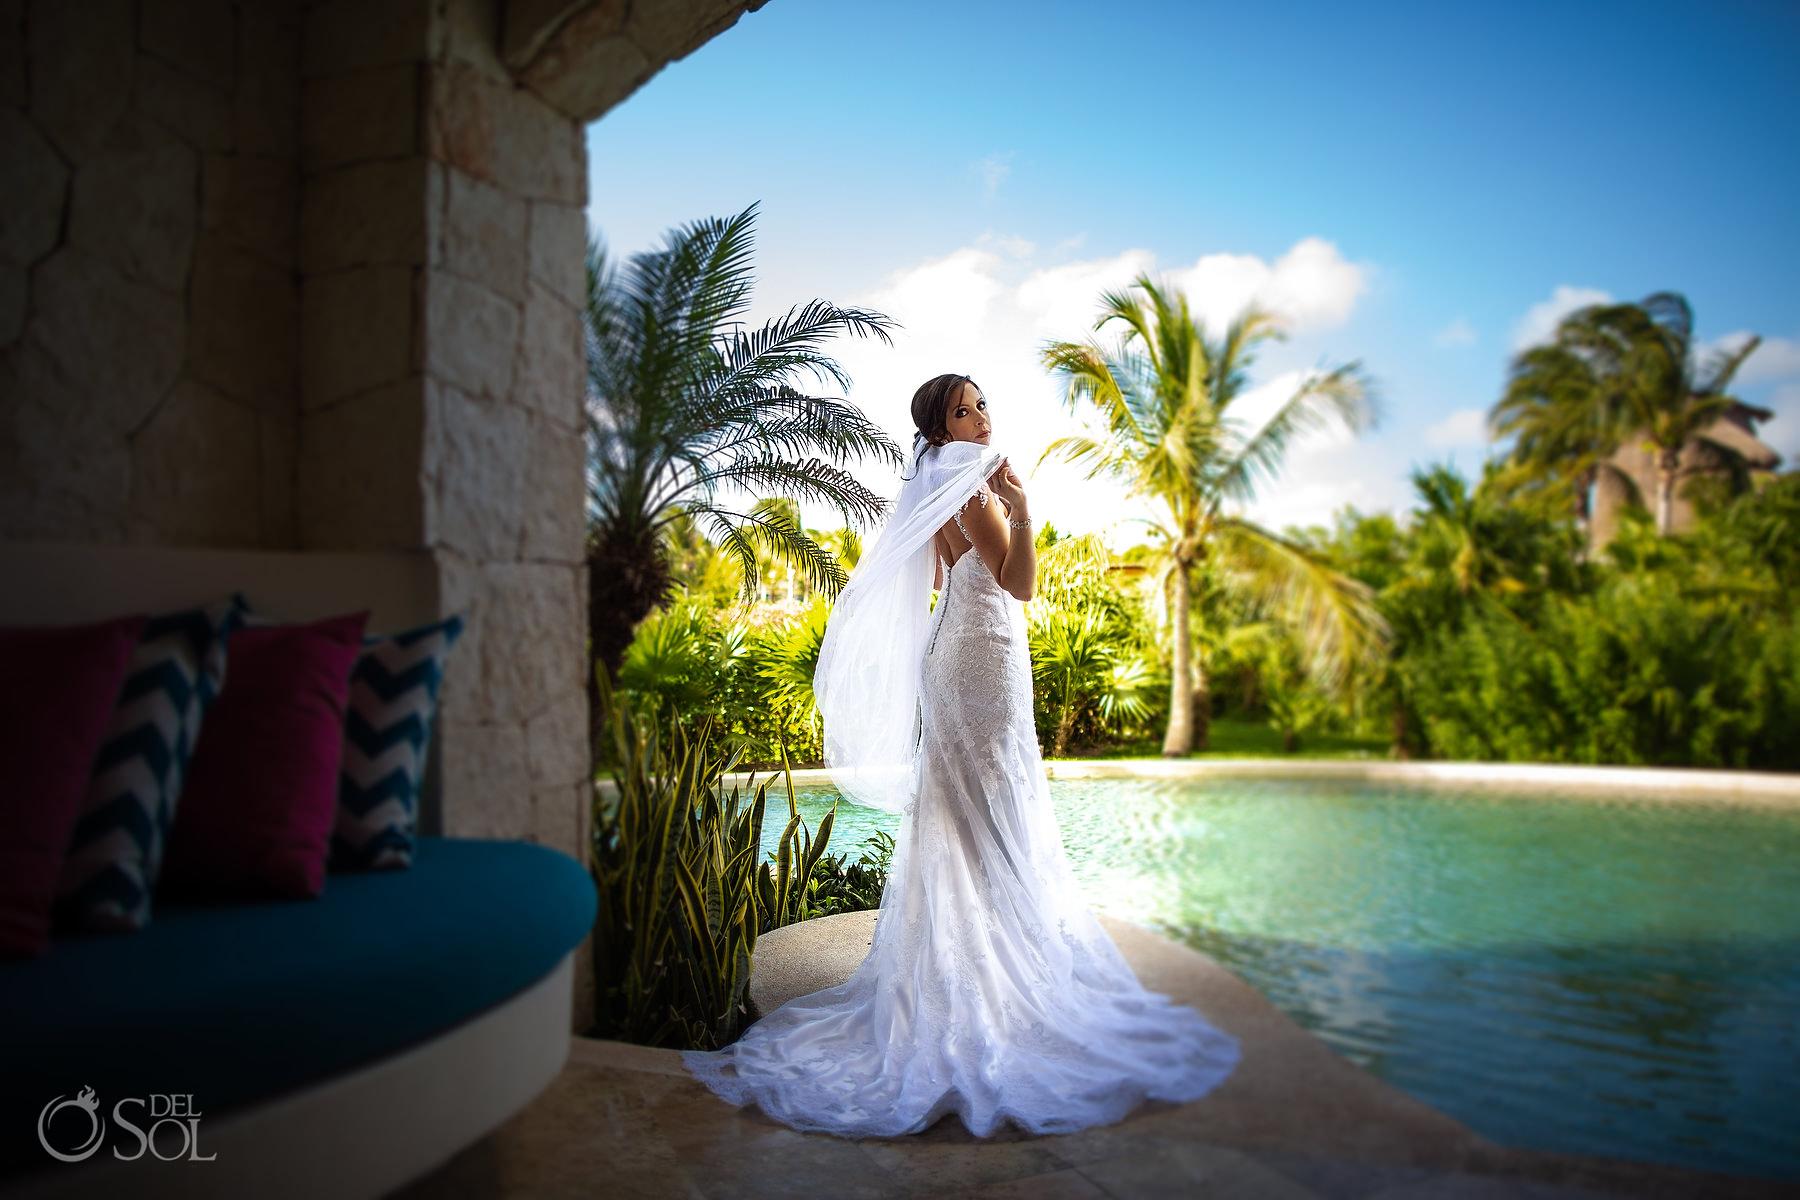 Secrets Maroma bridal photo ideas Riviera Maya Mexico